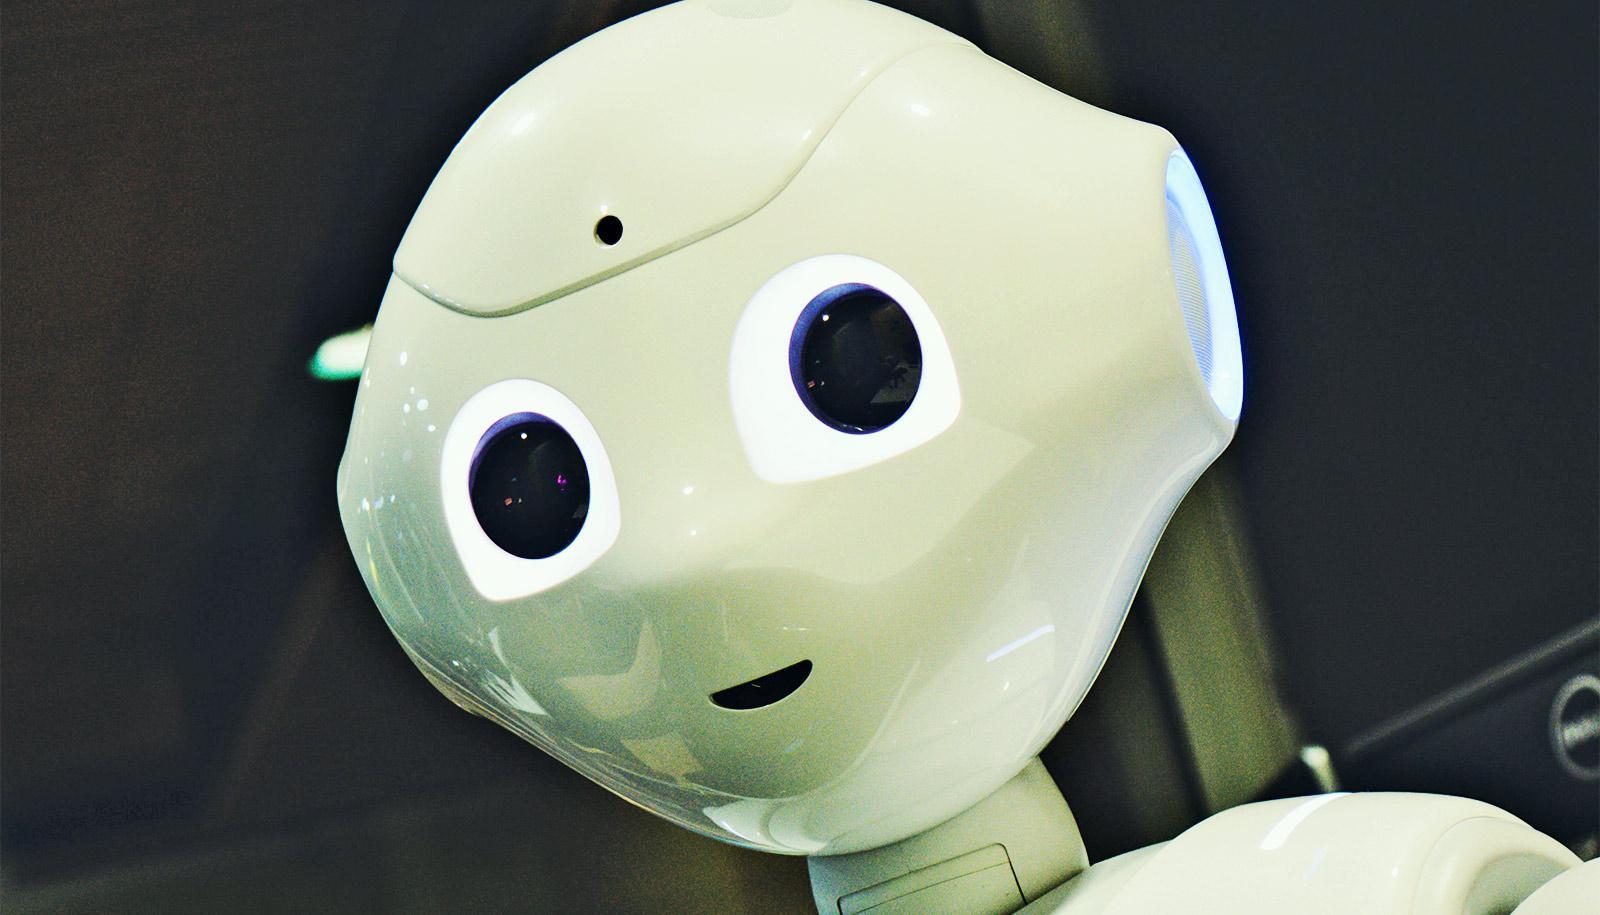 robot smiling (robots concept)